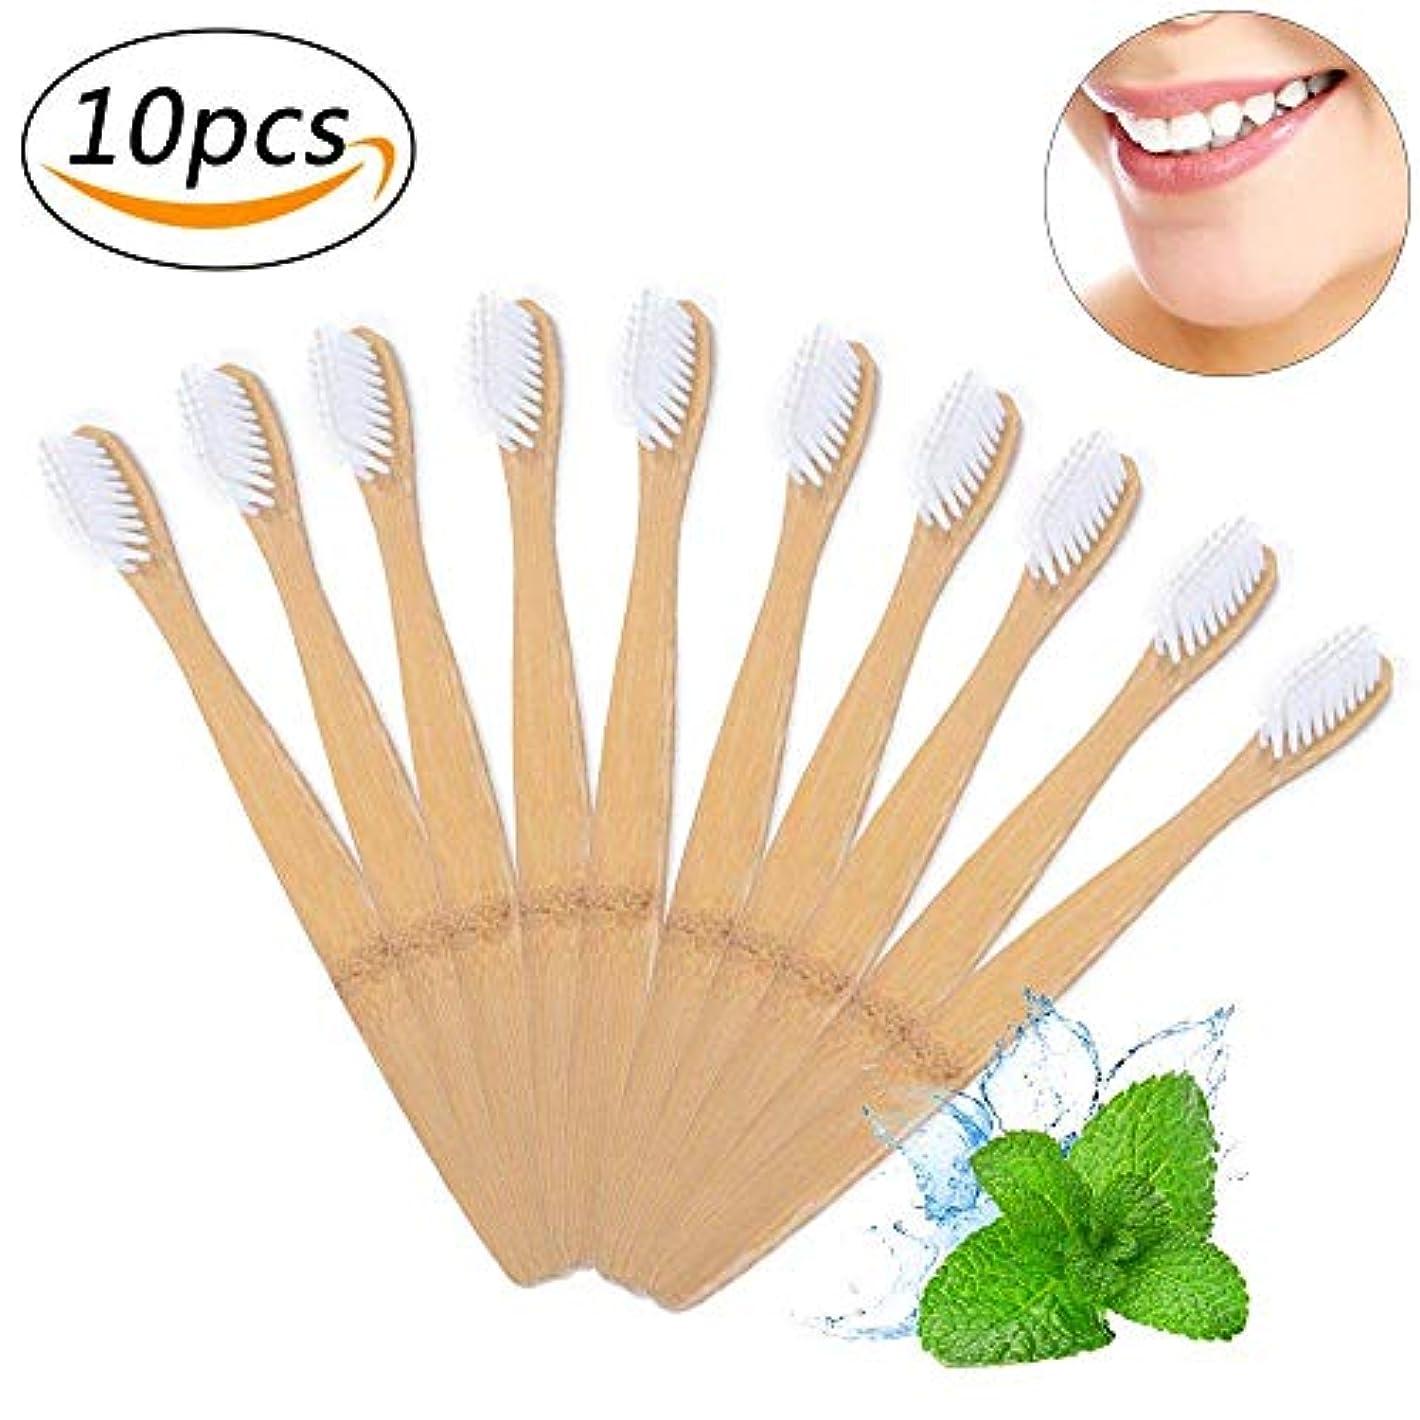 厳レビュアーつまずく竹の歯ブラシ 環境保護の歯ブラシ 柔らかいブラシ 分解性 耐久性 ホワイト 10本入